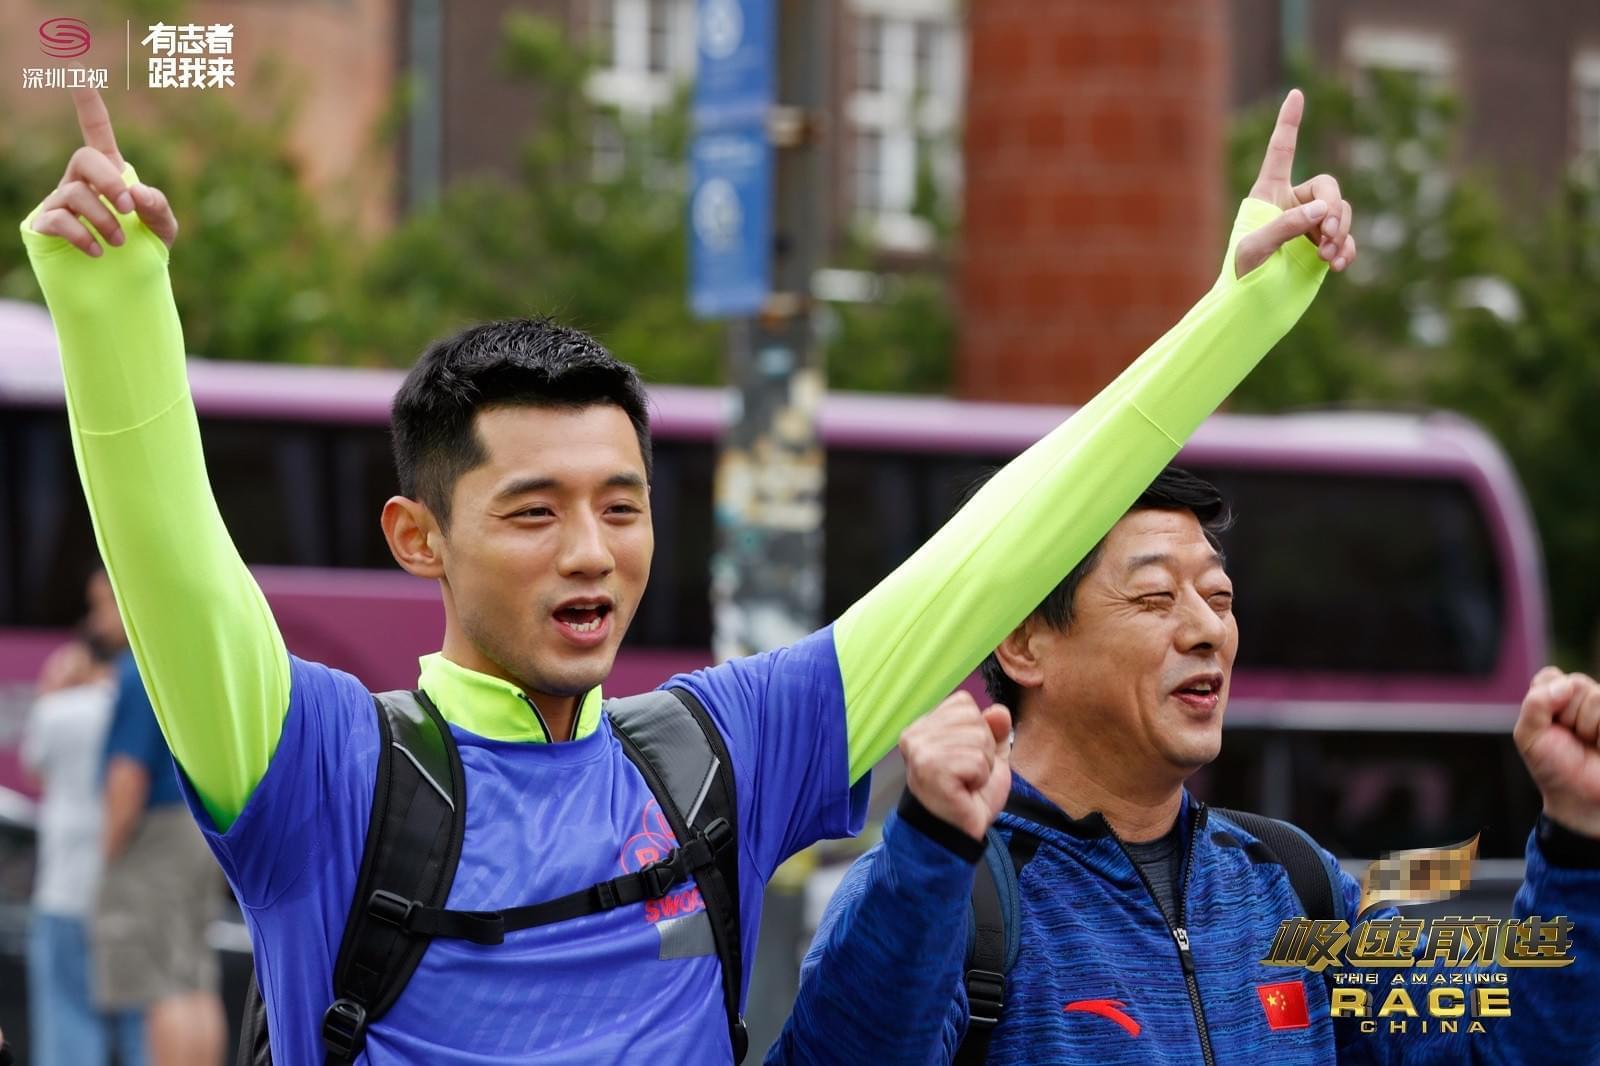 《极速4》张爸爸跳天鹅舞 张继科戏称中国功夫